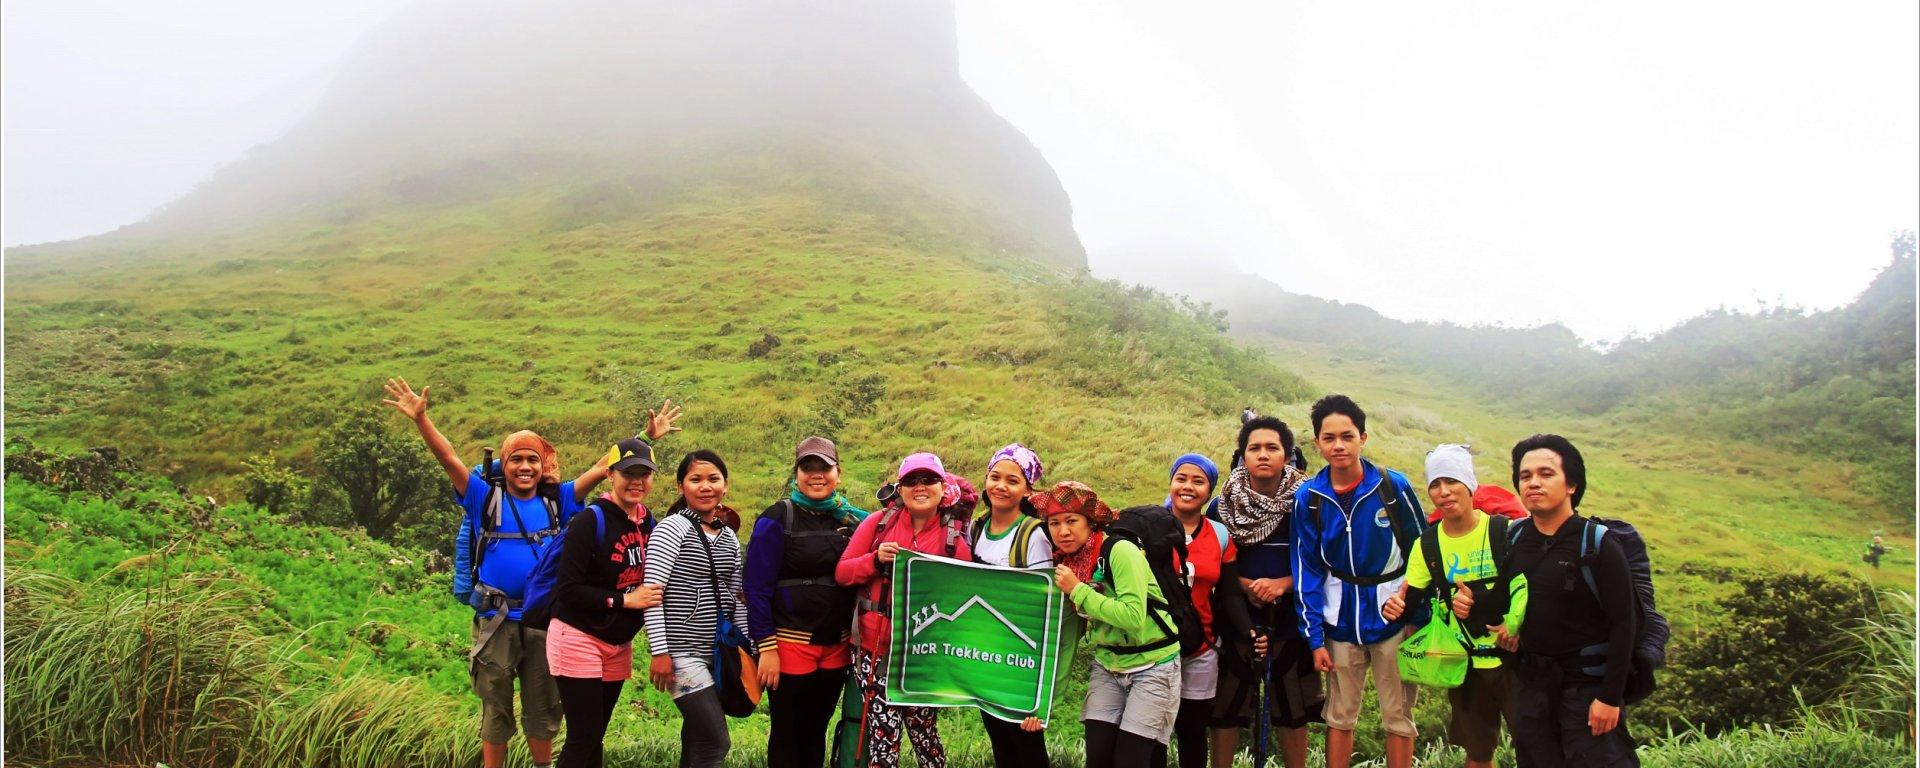 osmeña peak we meet again for the 3rd time oskatrav 3